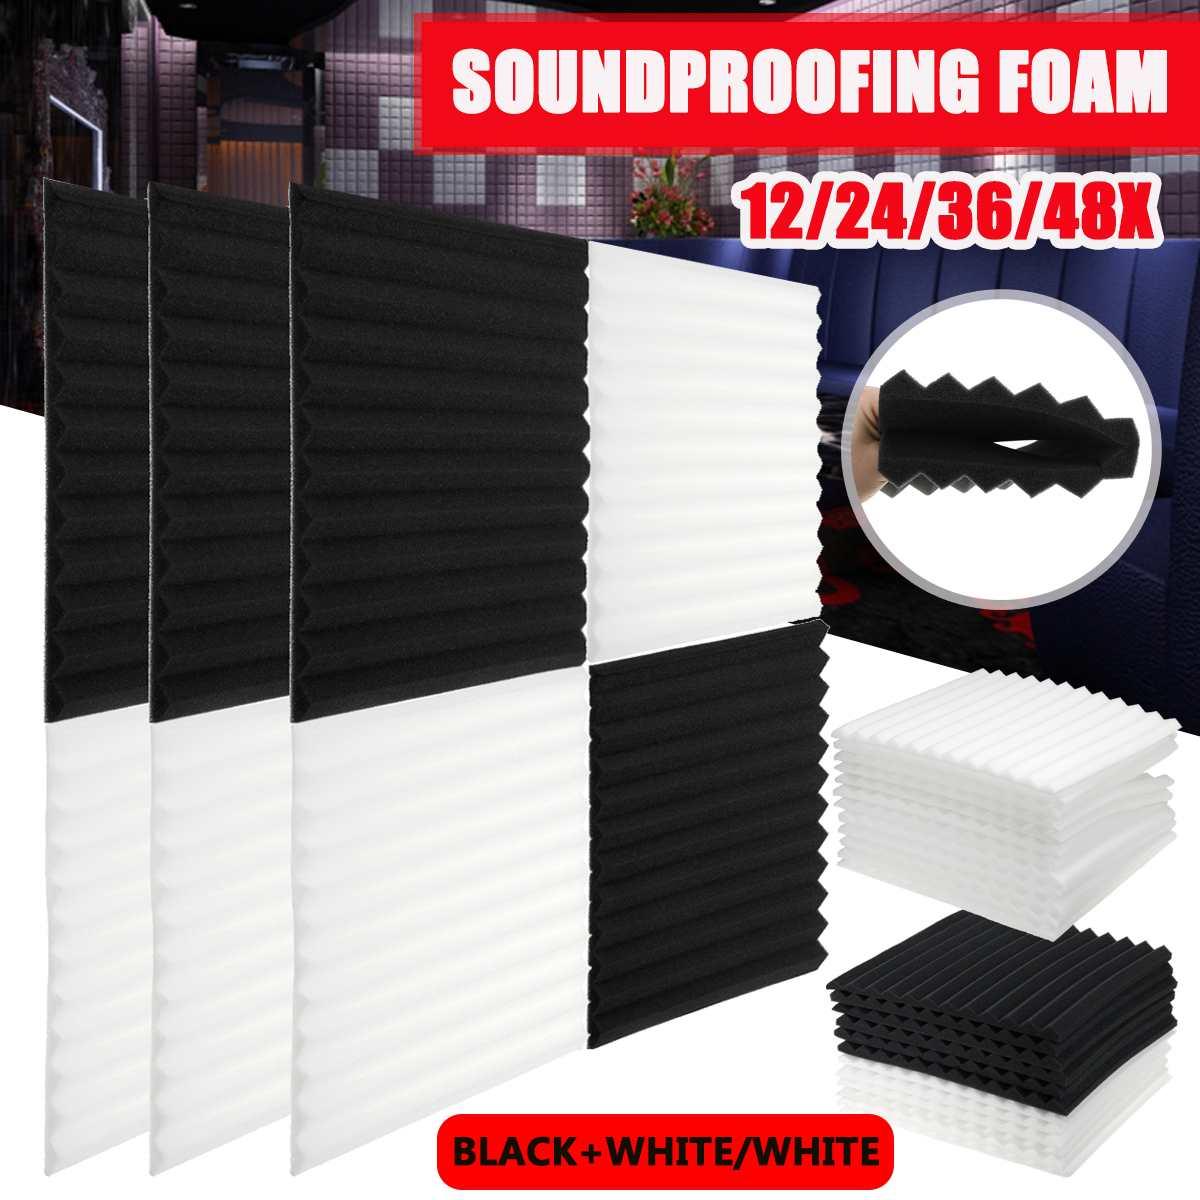 Студийная акустическая пена, звукоизоляционная Защитная губка, звукоизоляционная Звукопоглощающая Панель 12/24/36/48x300x300x20 мм